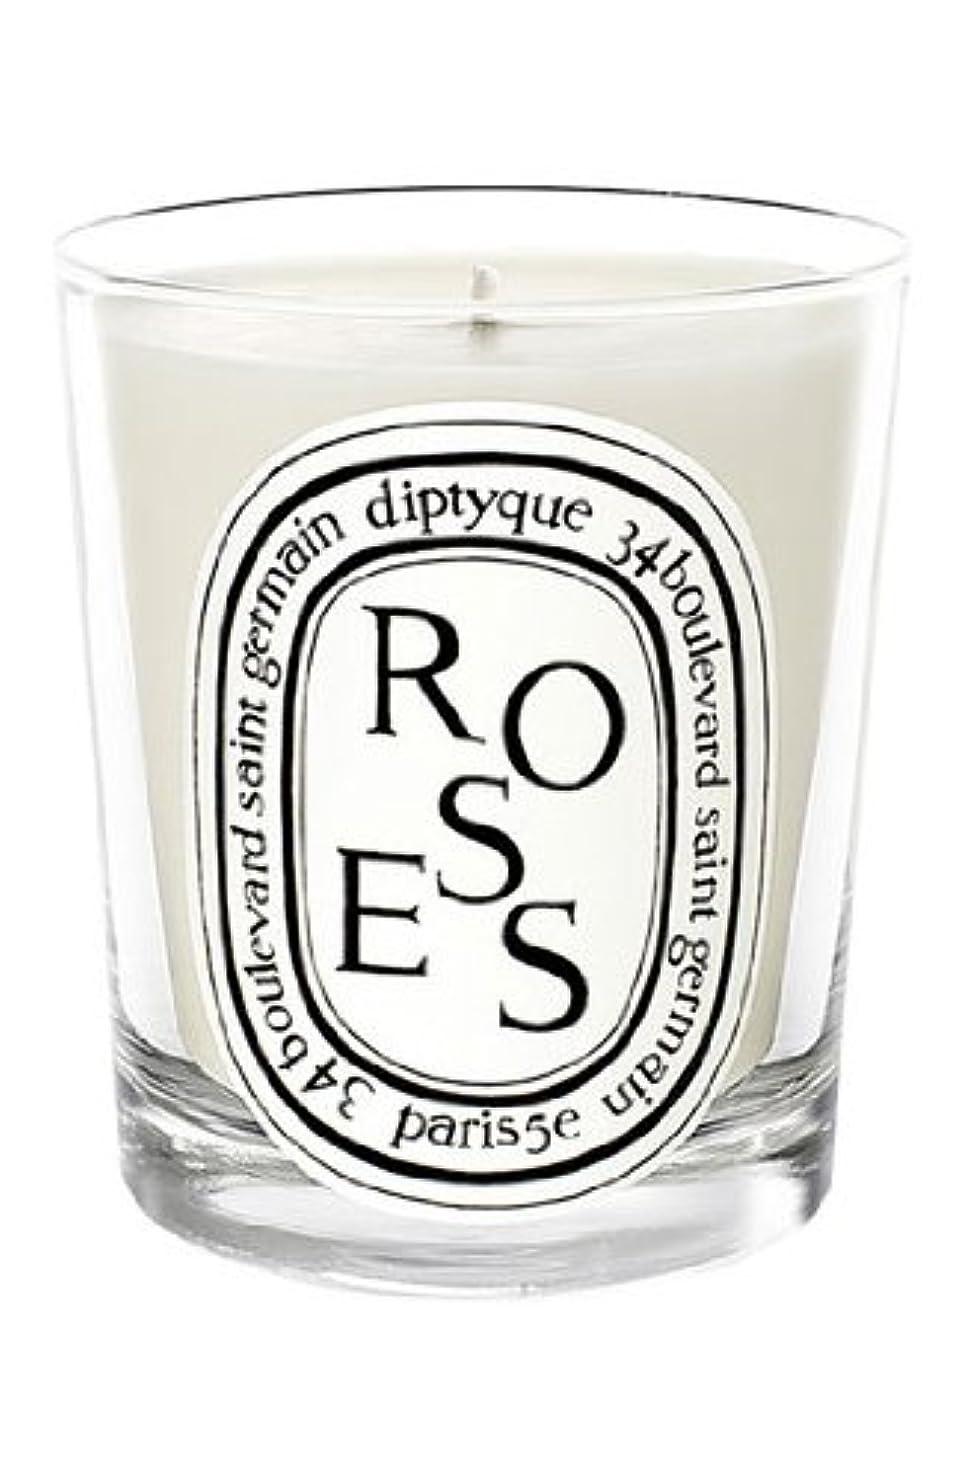 社員プロテスタント捕虜Diptyque - Roses Candle (ディプティック ロージーズ キャンドル)195 g